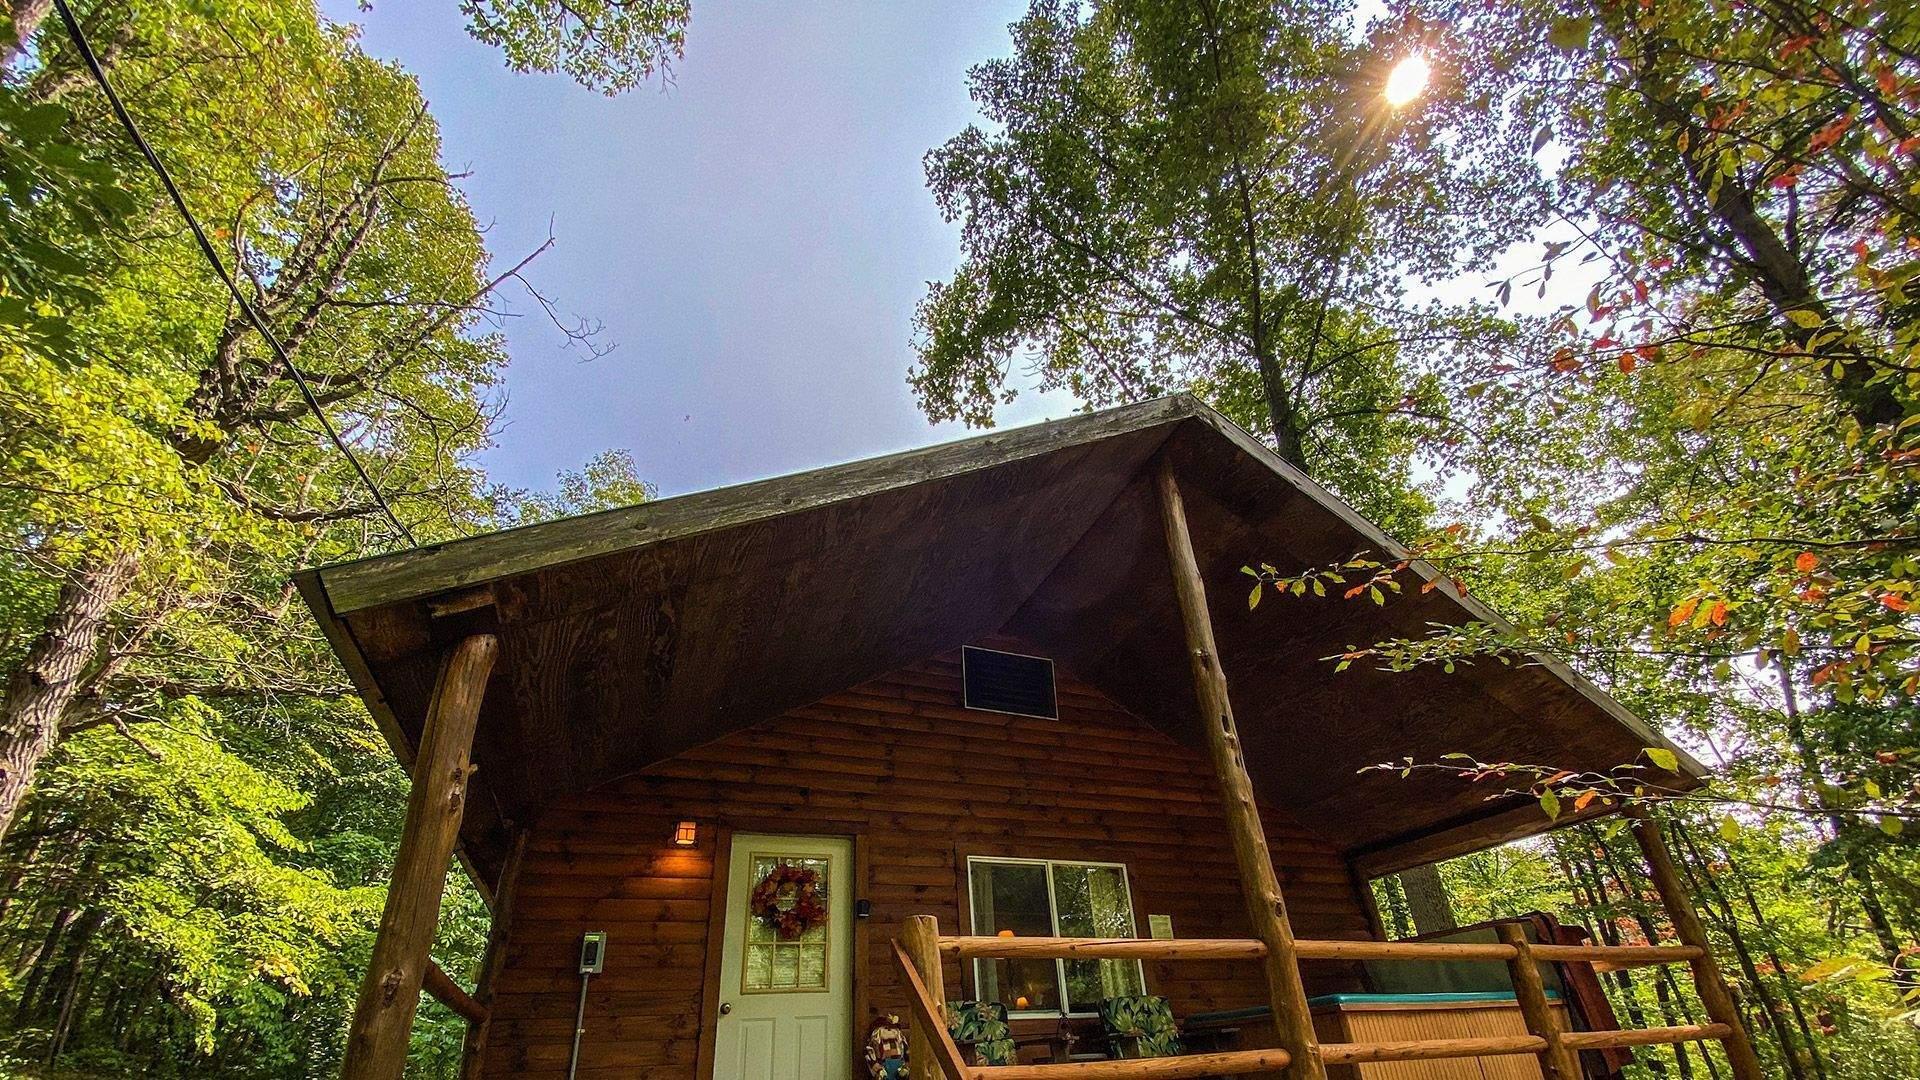 Hocking Hills Cabins & Cottages